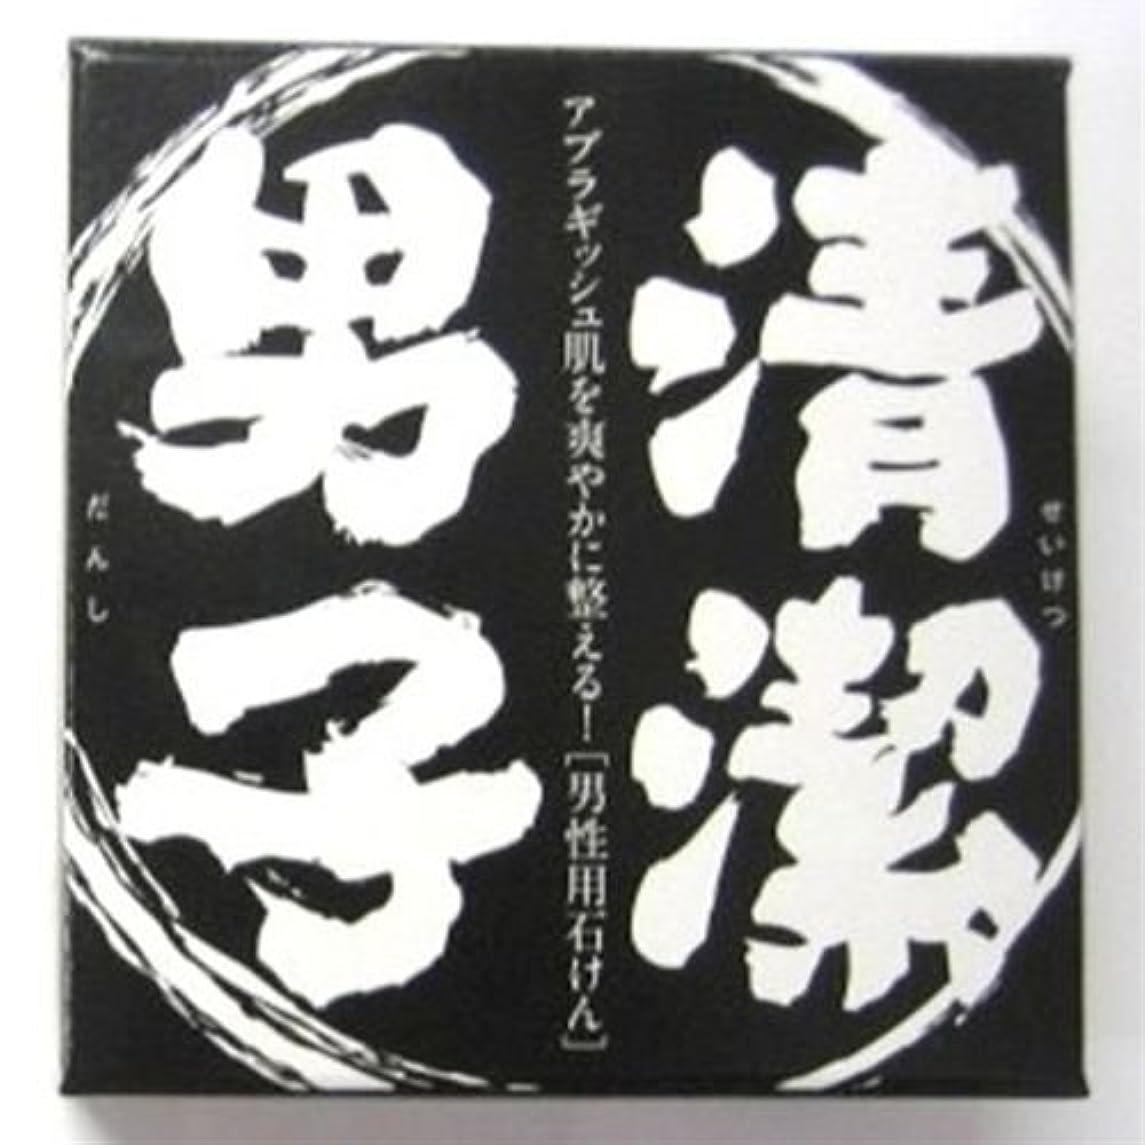 ナプキングラフィック解放するうにの尾塚水産 化粧石鹸 清潔男子 100g